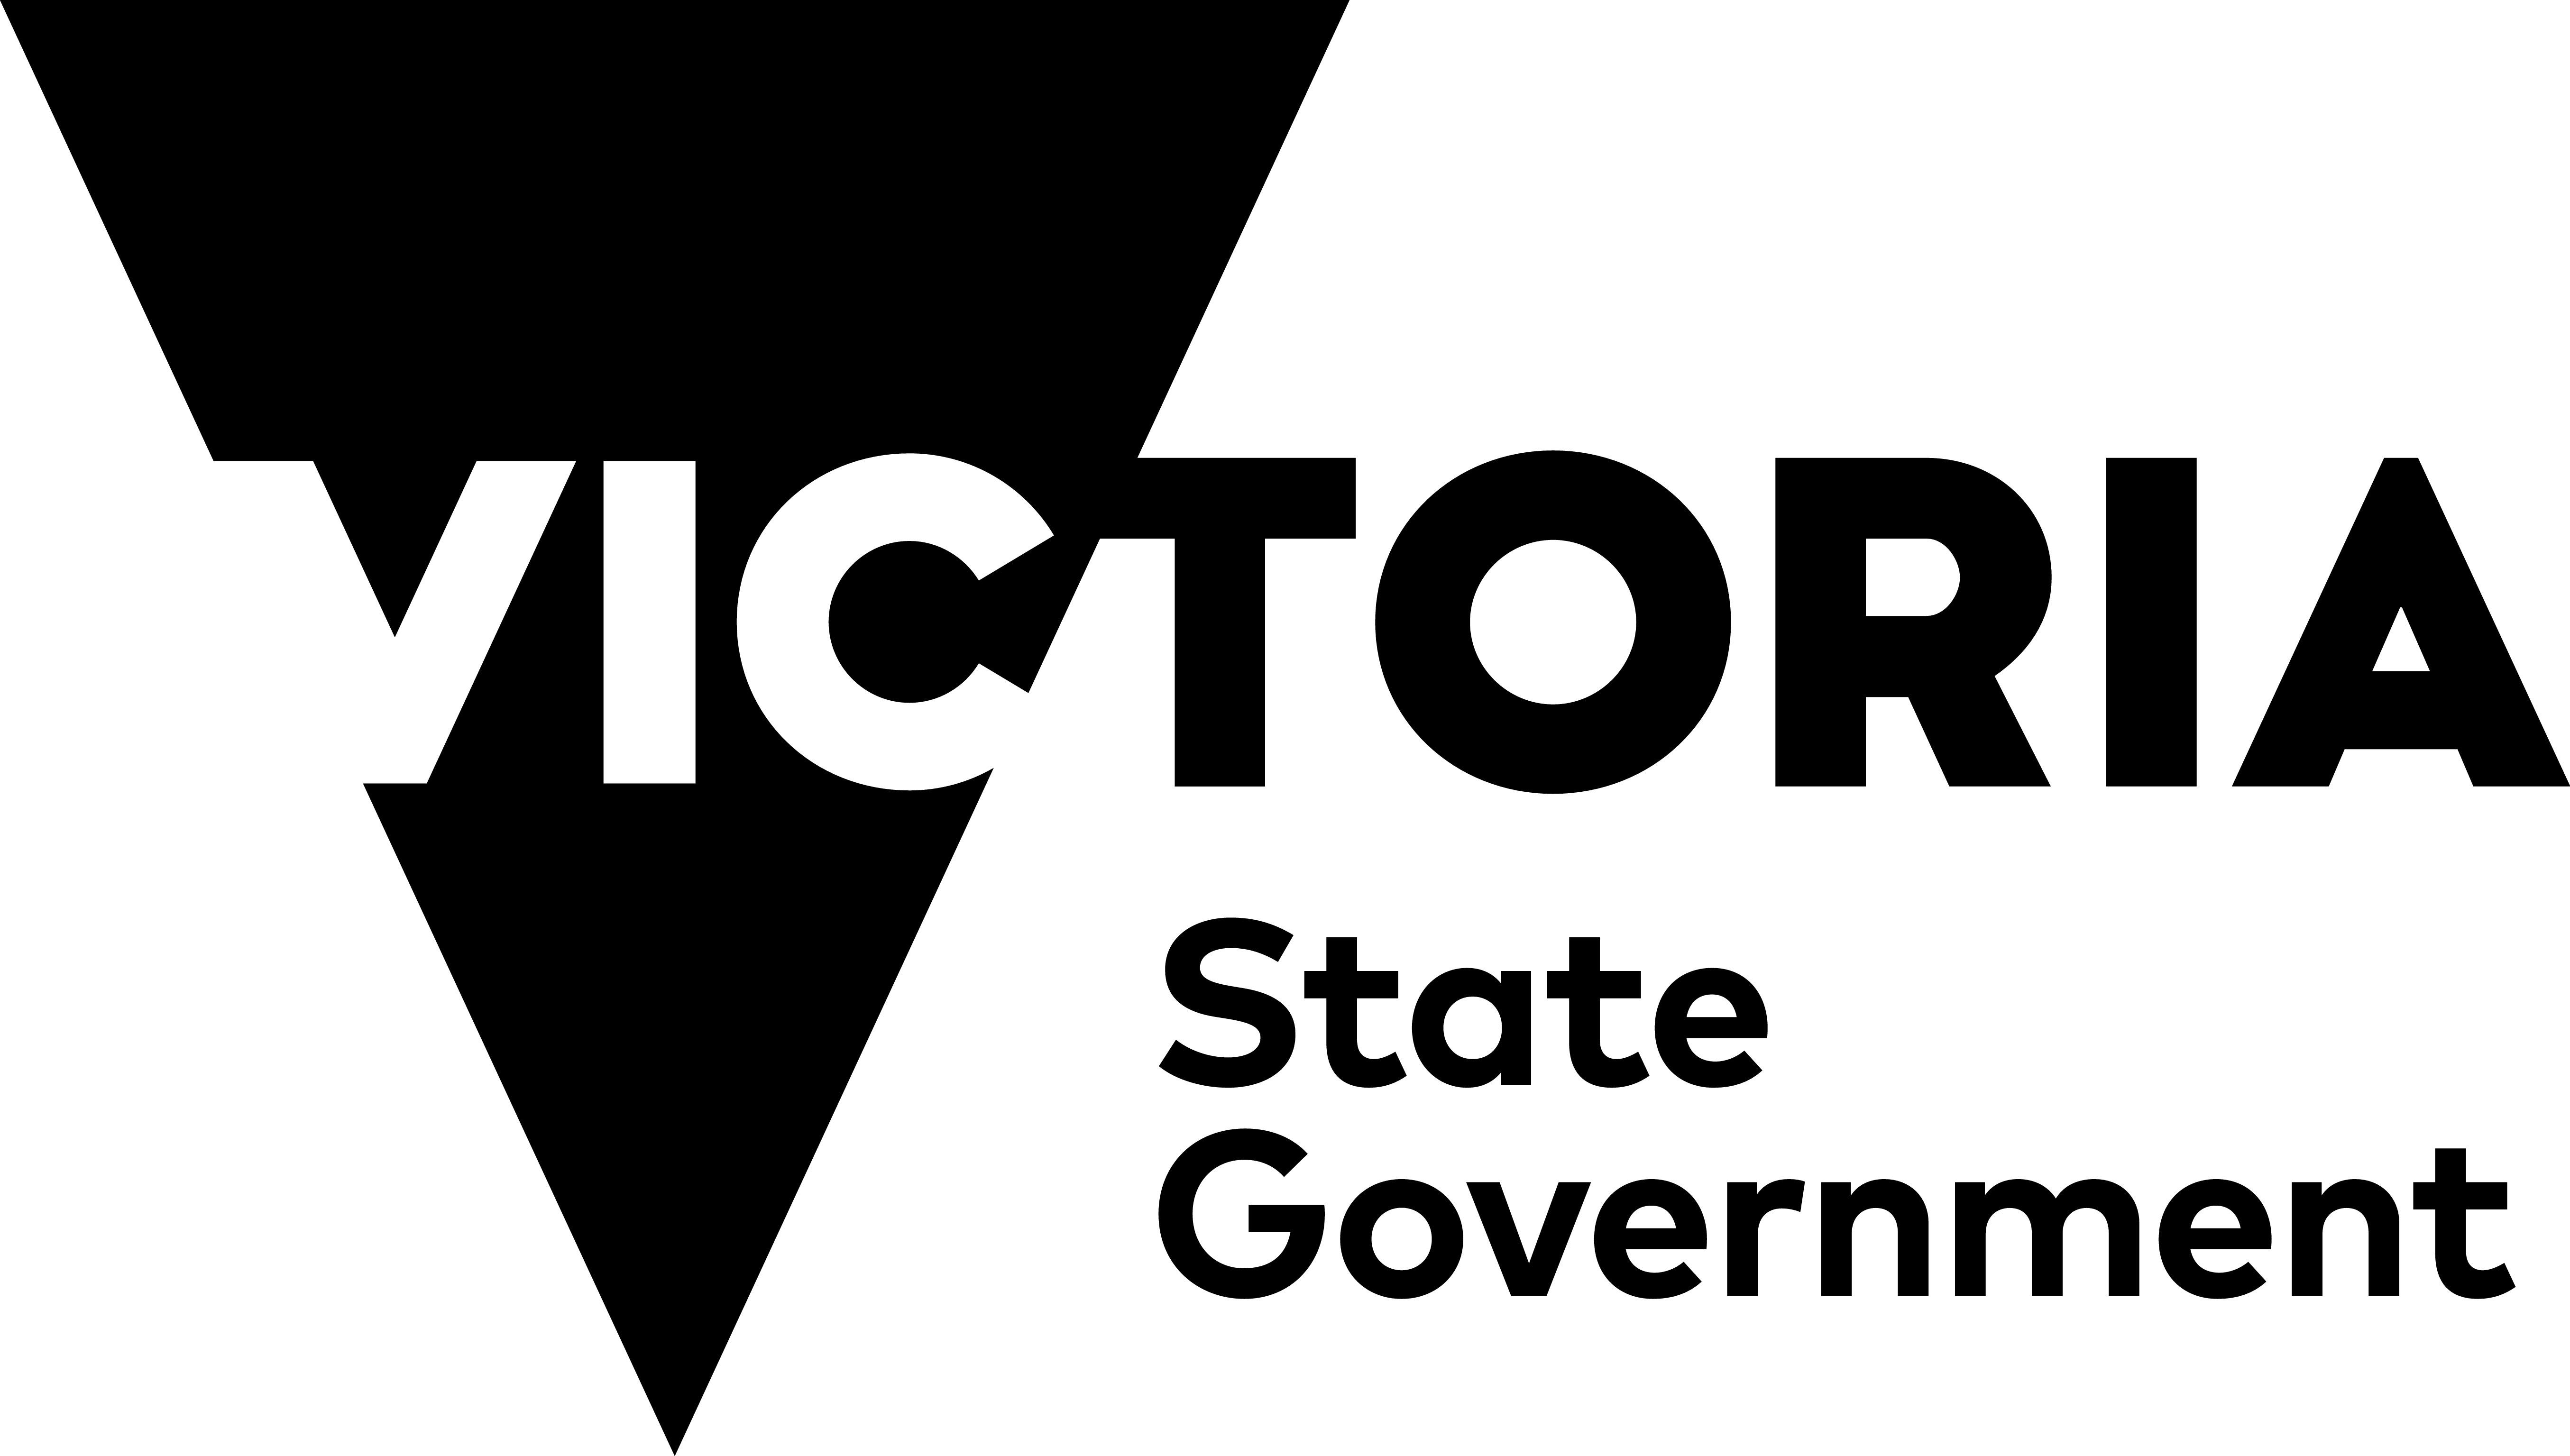 VIC_GOV_LOGO_FA_BLACK.eps